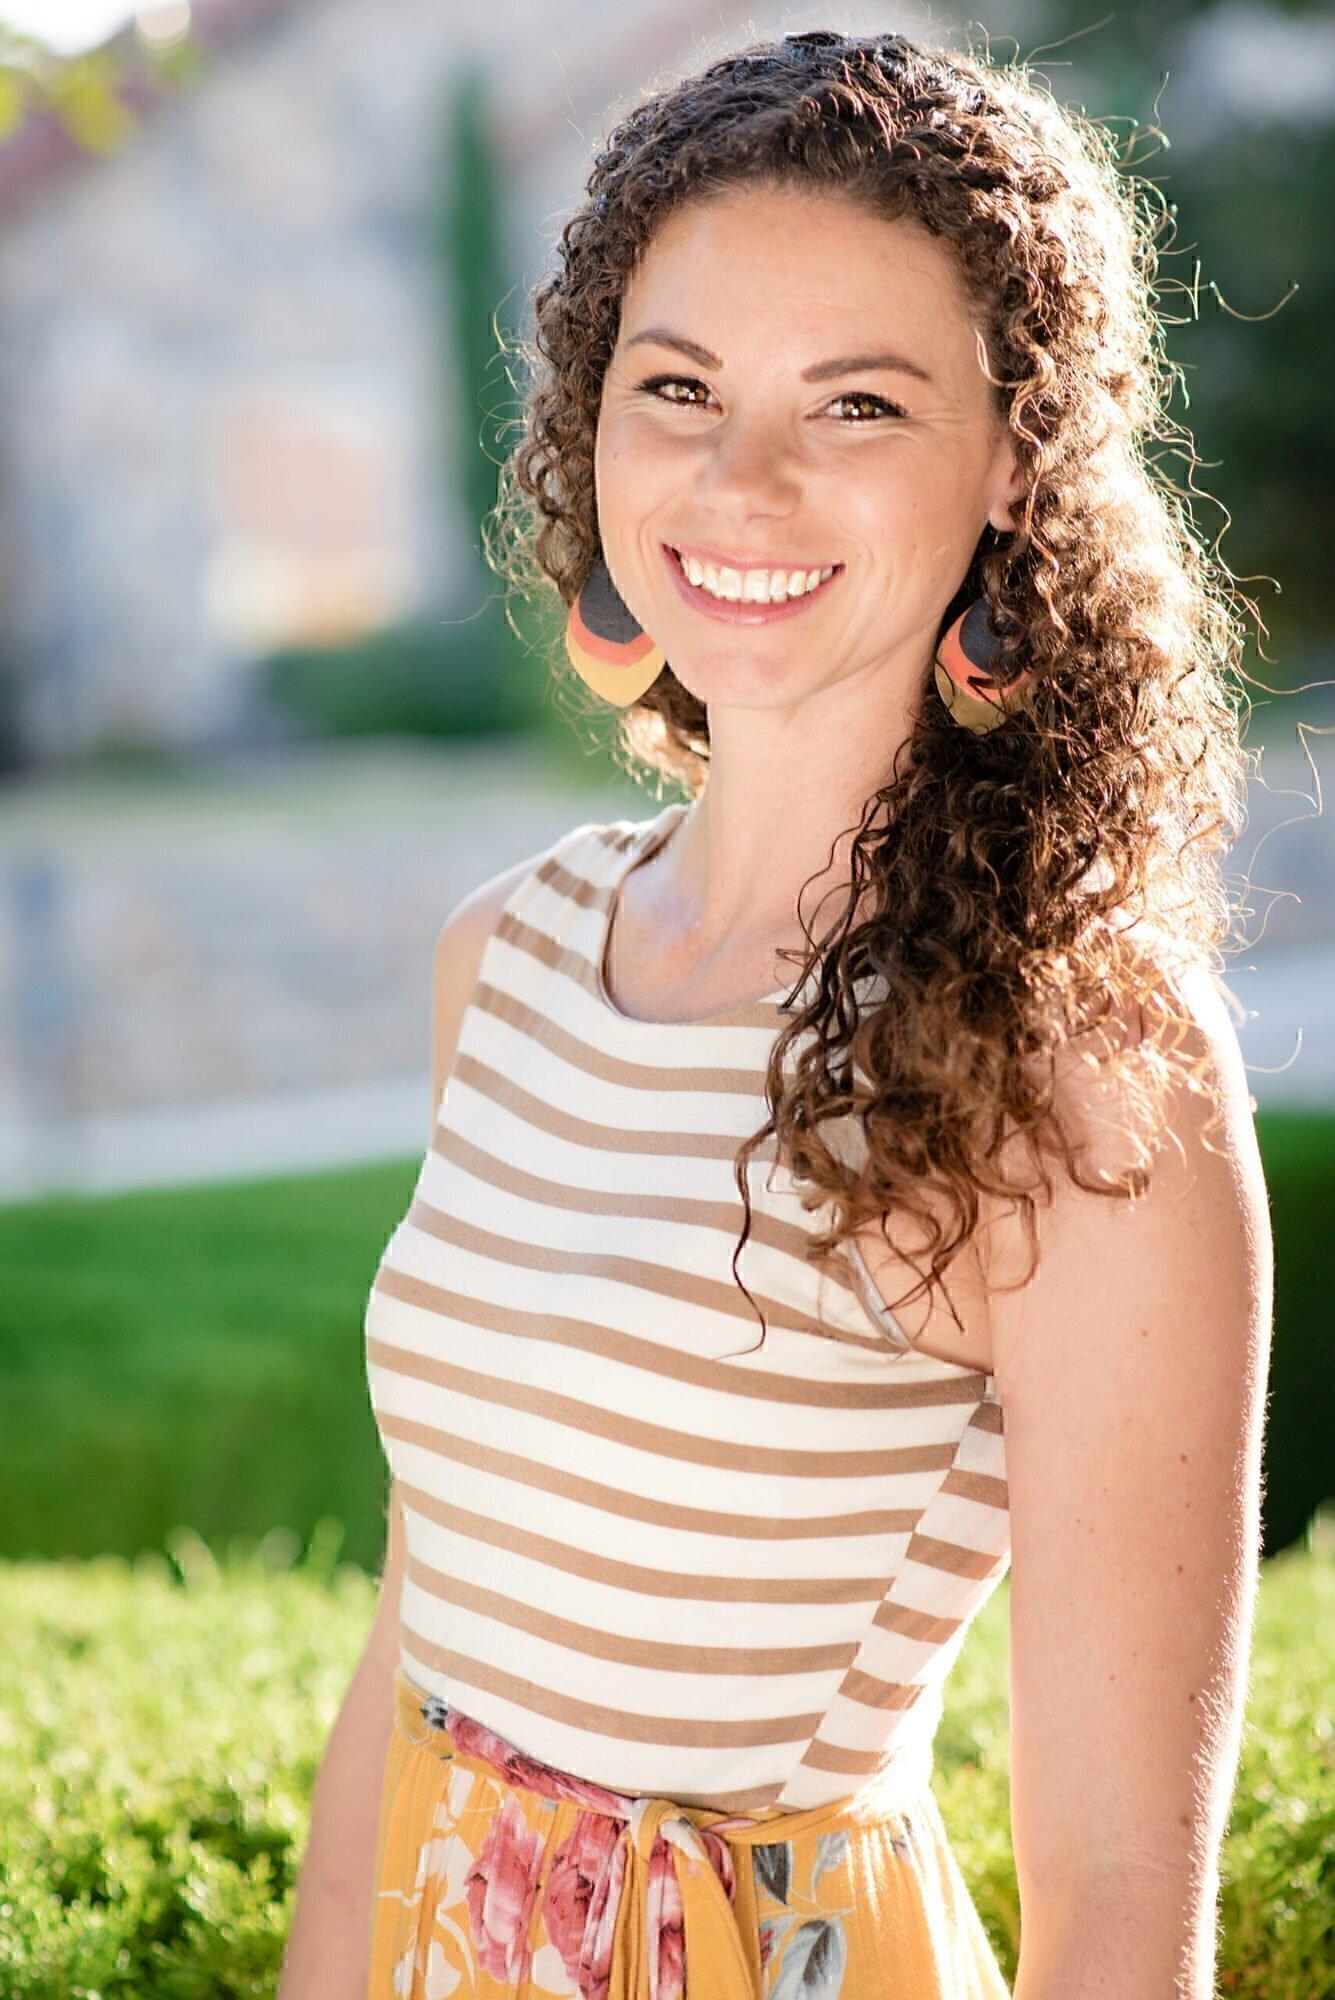 Ashley Ashcraft